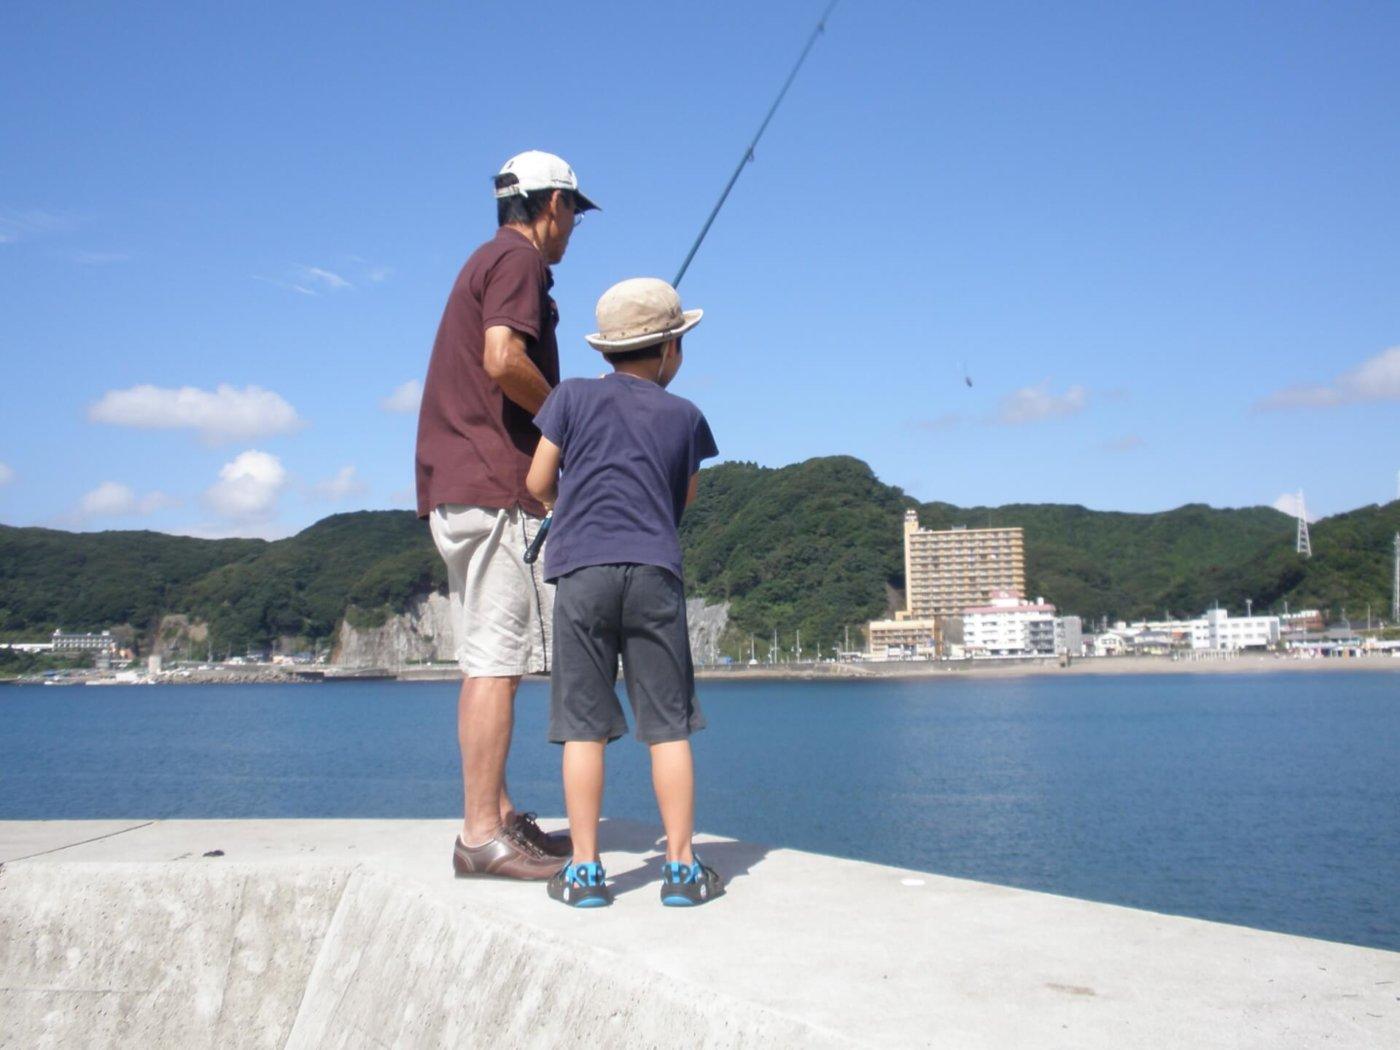 沢山魚が釣れる場所教えて!横須賀の釣りスポット3選